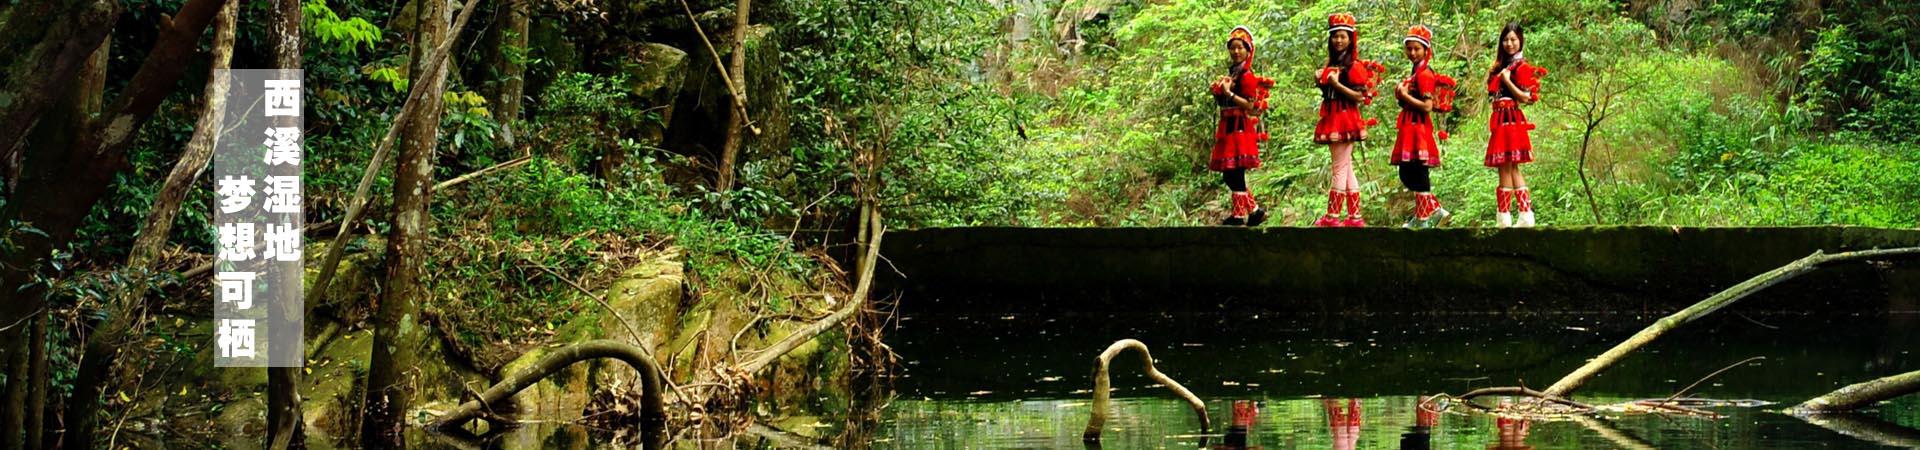 杭州西溪湿地不一样的风景